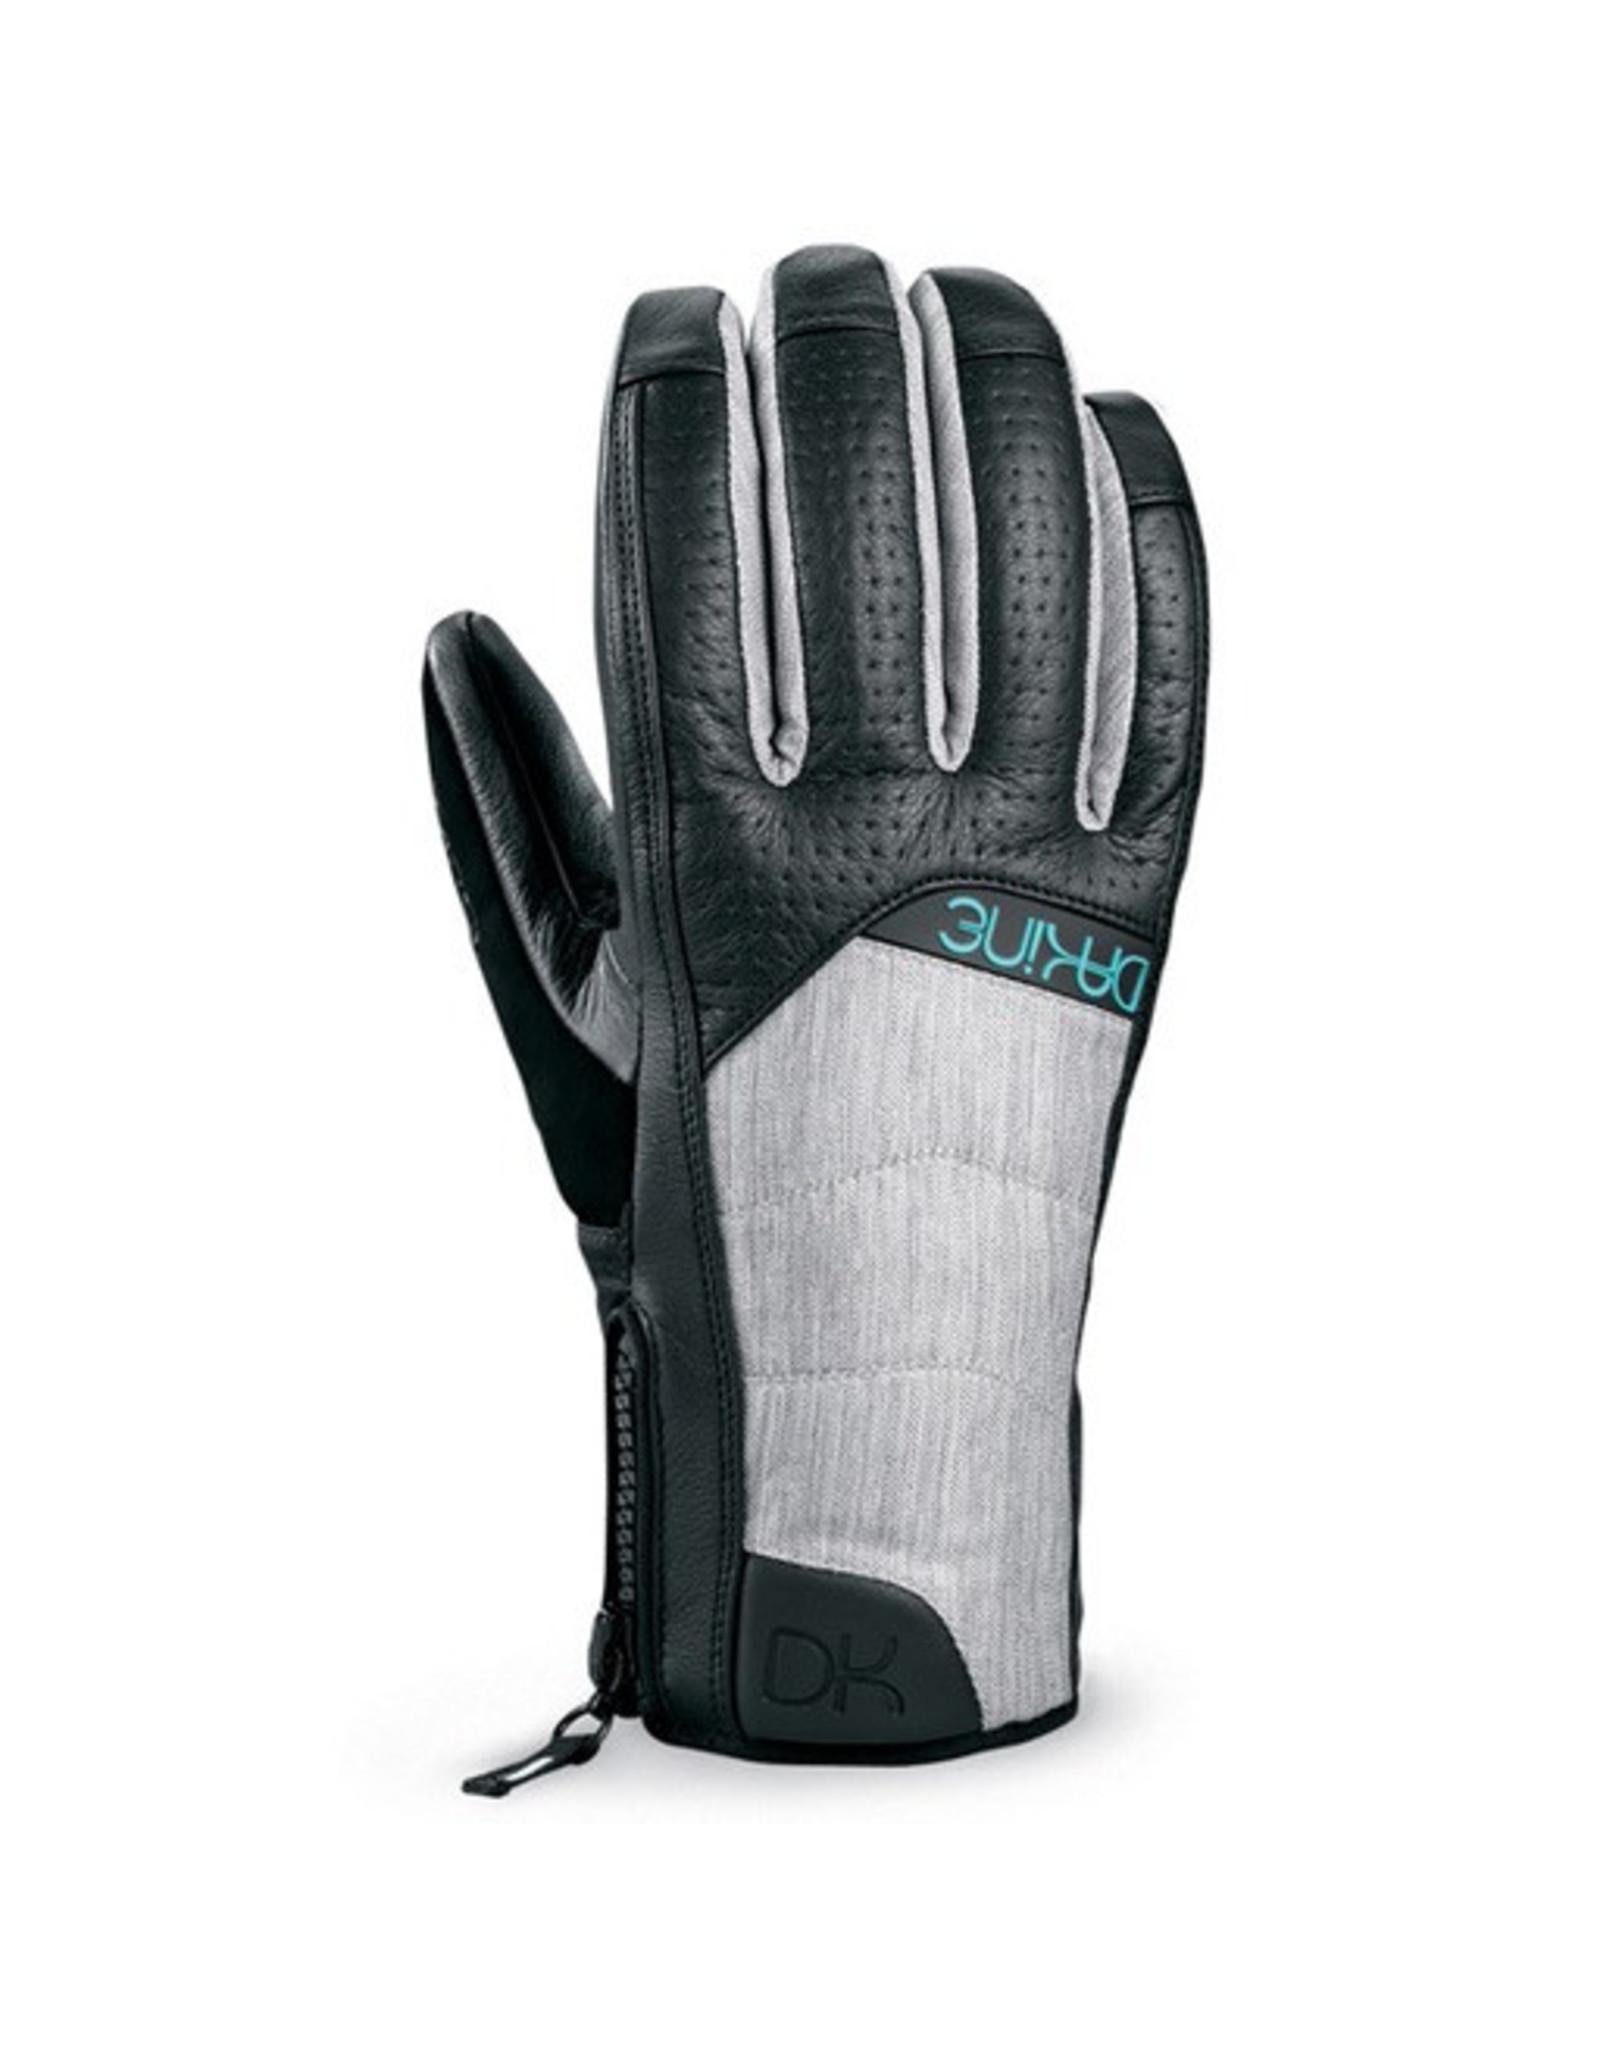 Dakine Dakine - Targa - S - Silver - Glove